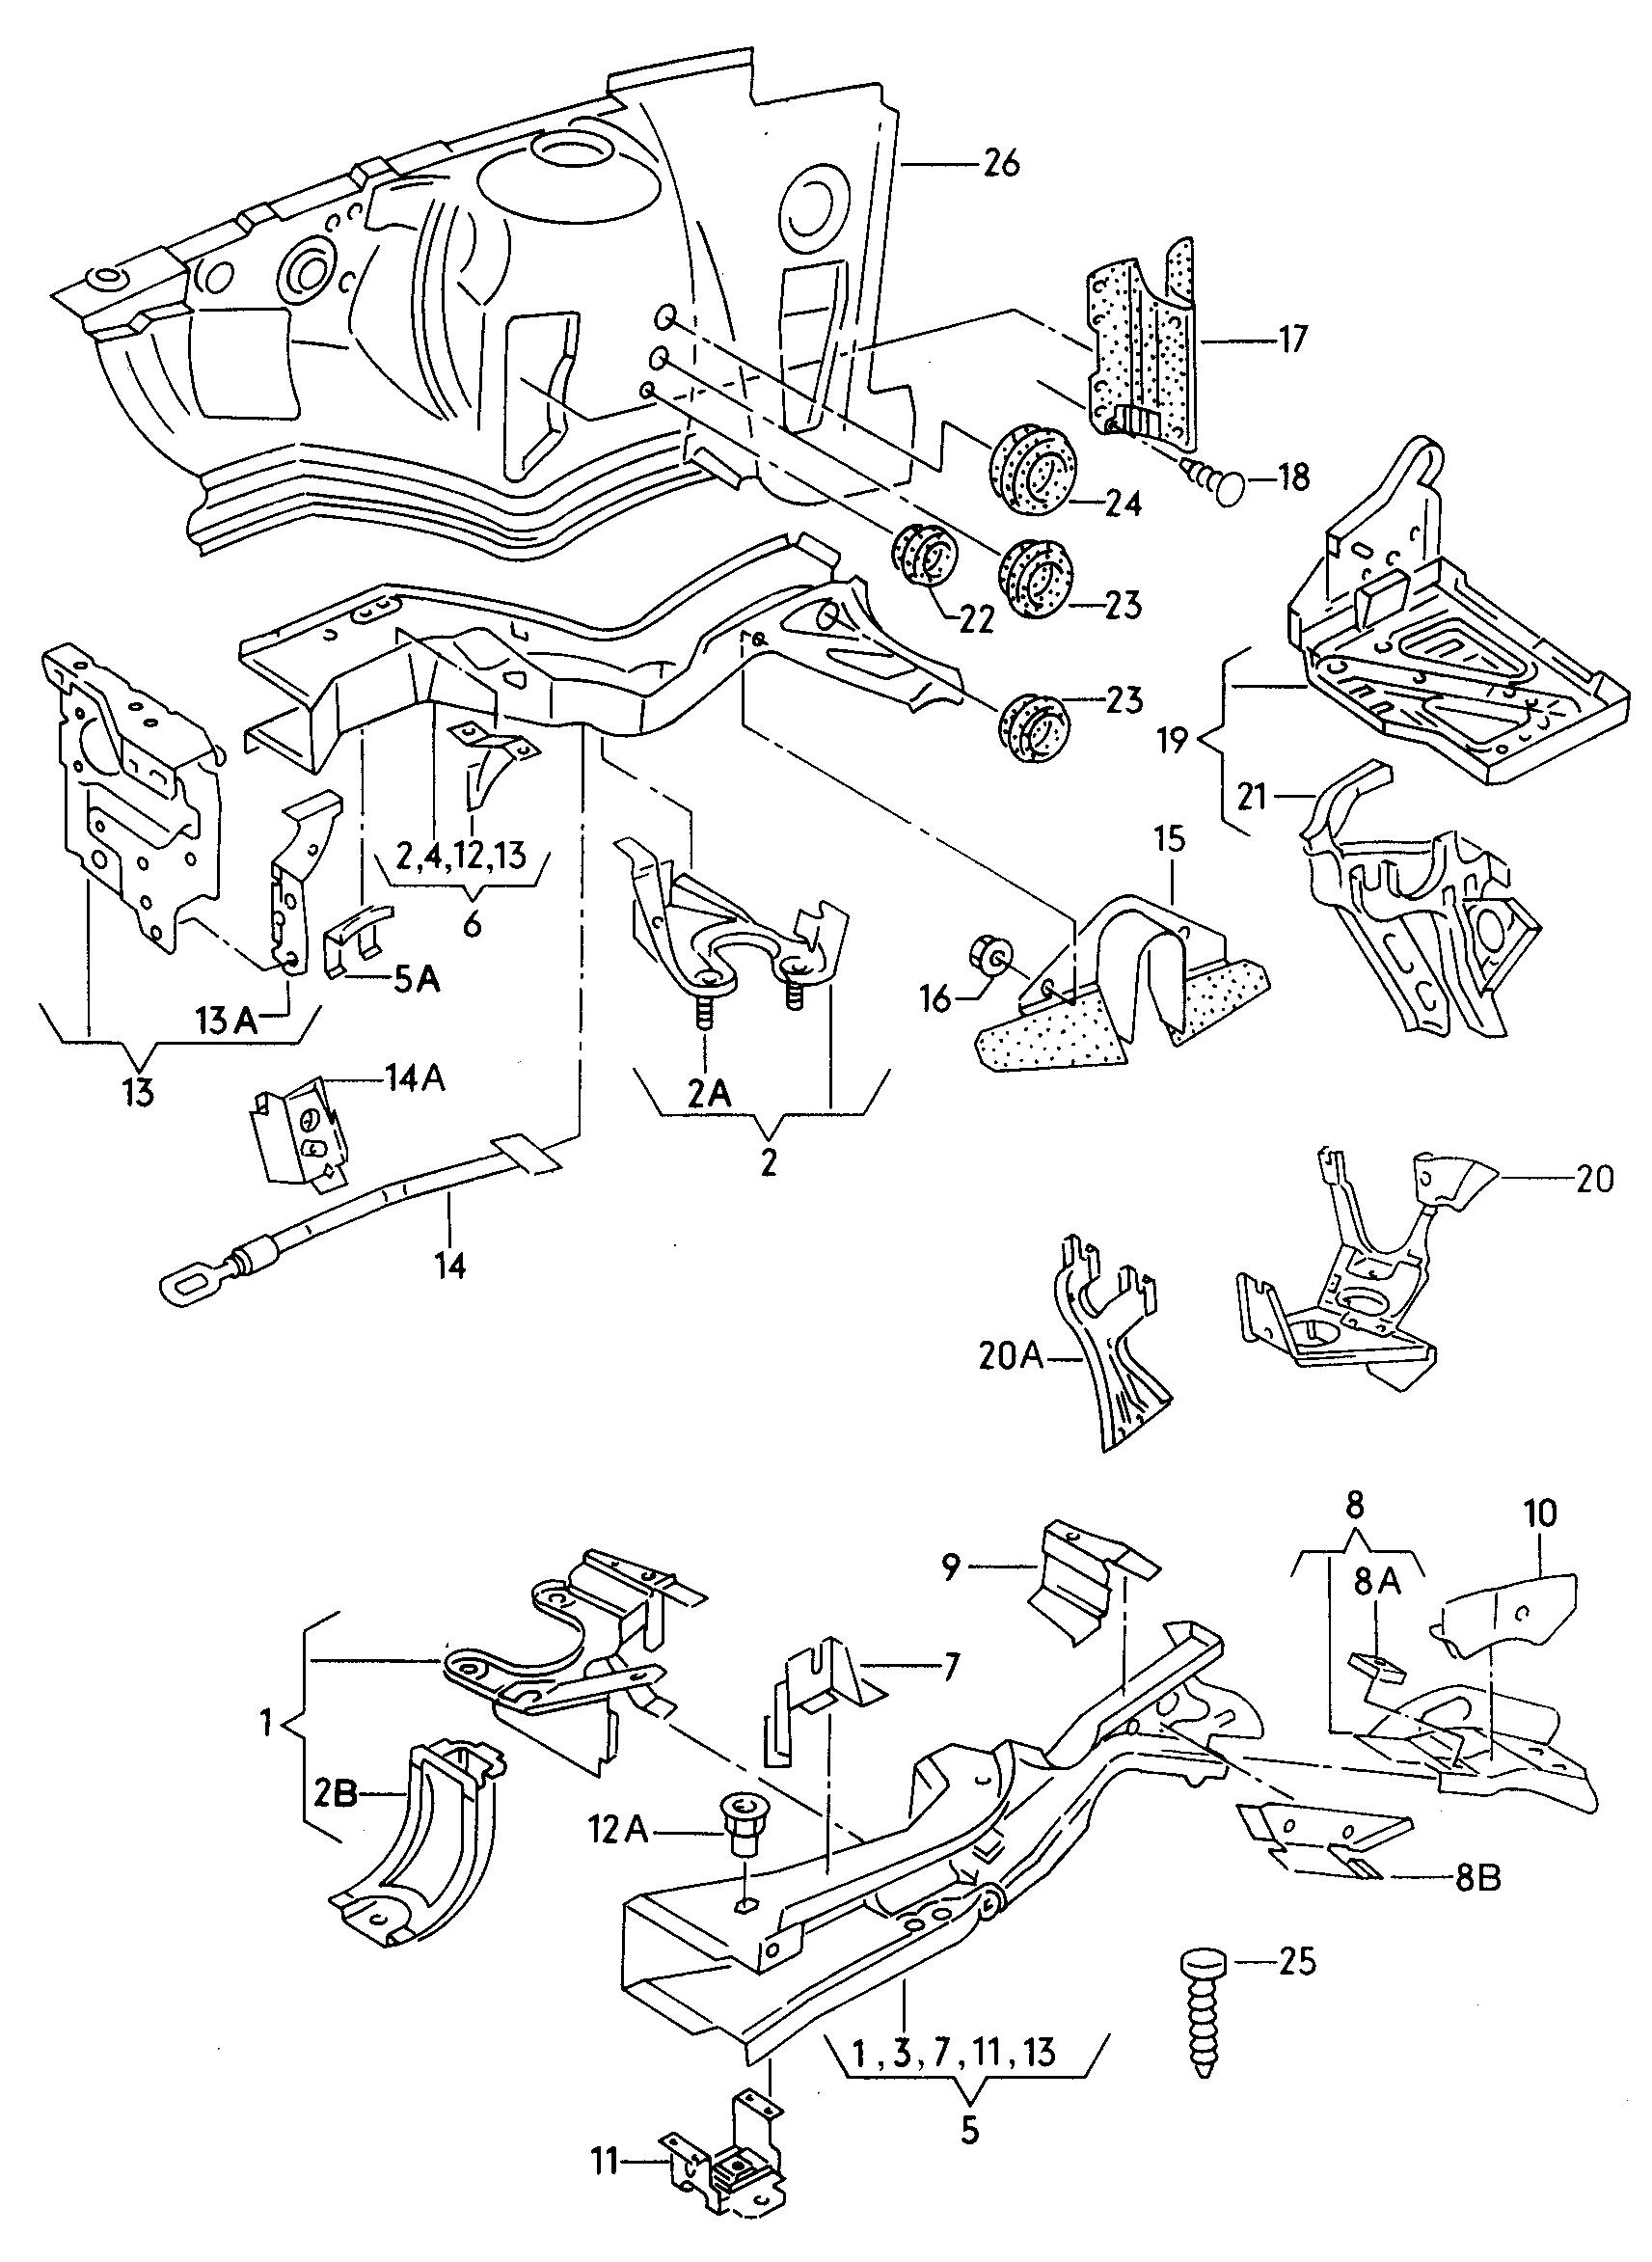 Manual De Despiece Audi S2 (1991-1995) Español